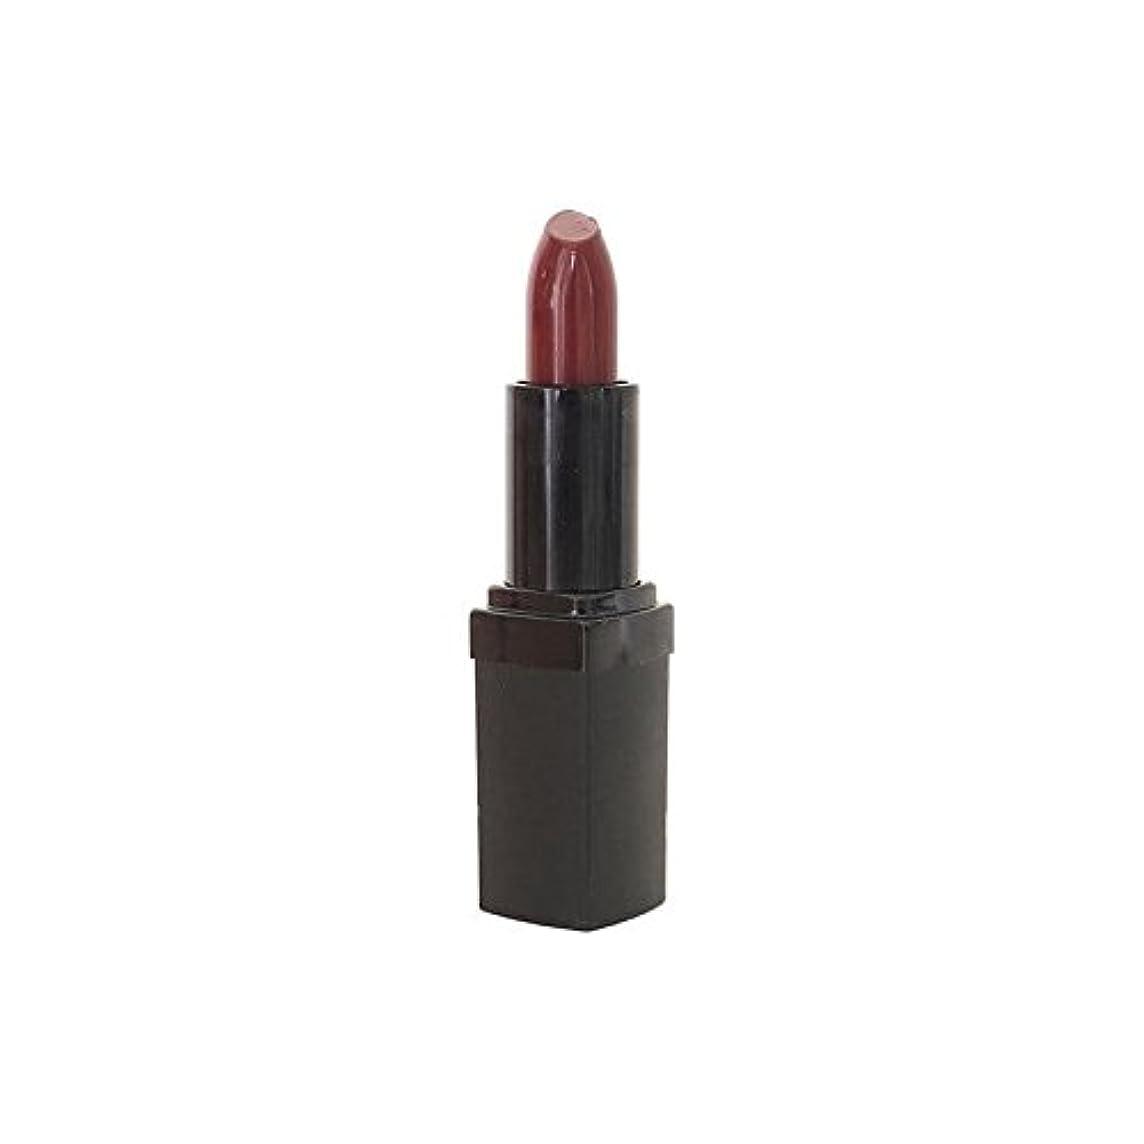 代表アメリカ逃げる[CAKE-Cosmetics ] C.A.K.E口紅ブラックベリー4グラム - C.A.K.E Lipstick Blackberry 4G [並行輸入品]